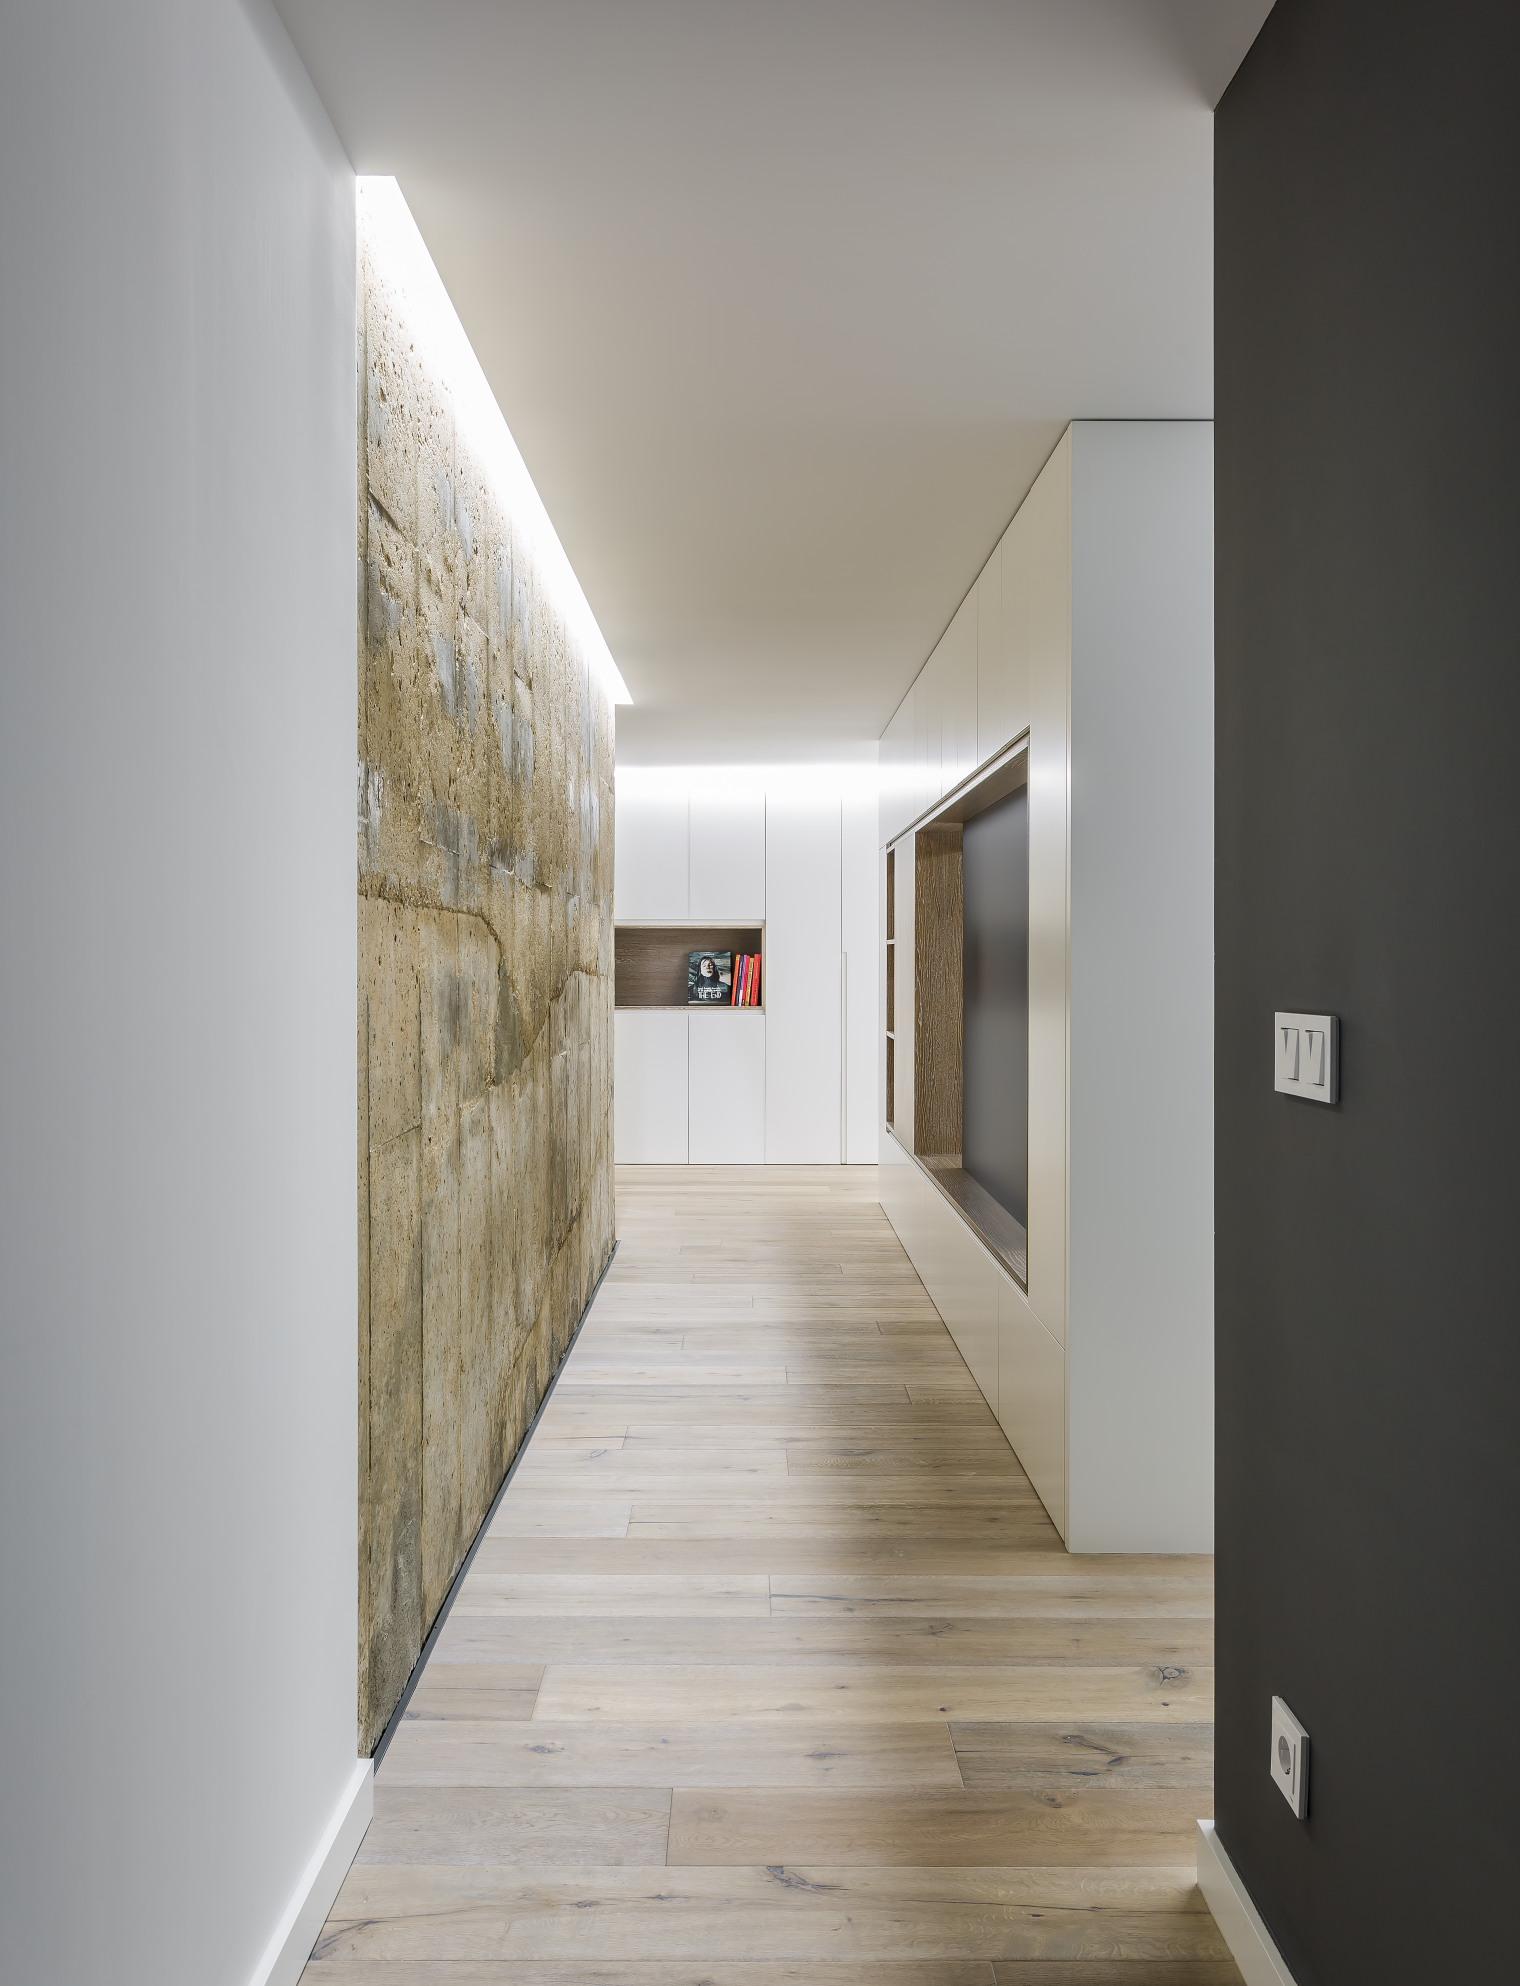 fotografia-arquitectura-valencia-german-cabo-ambau-gordillo (20)